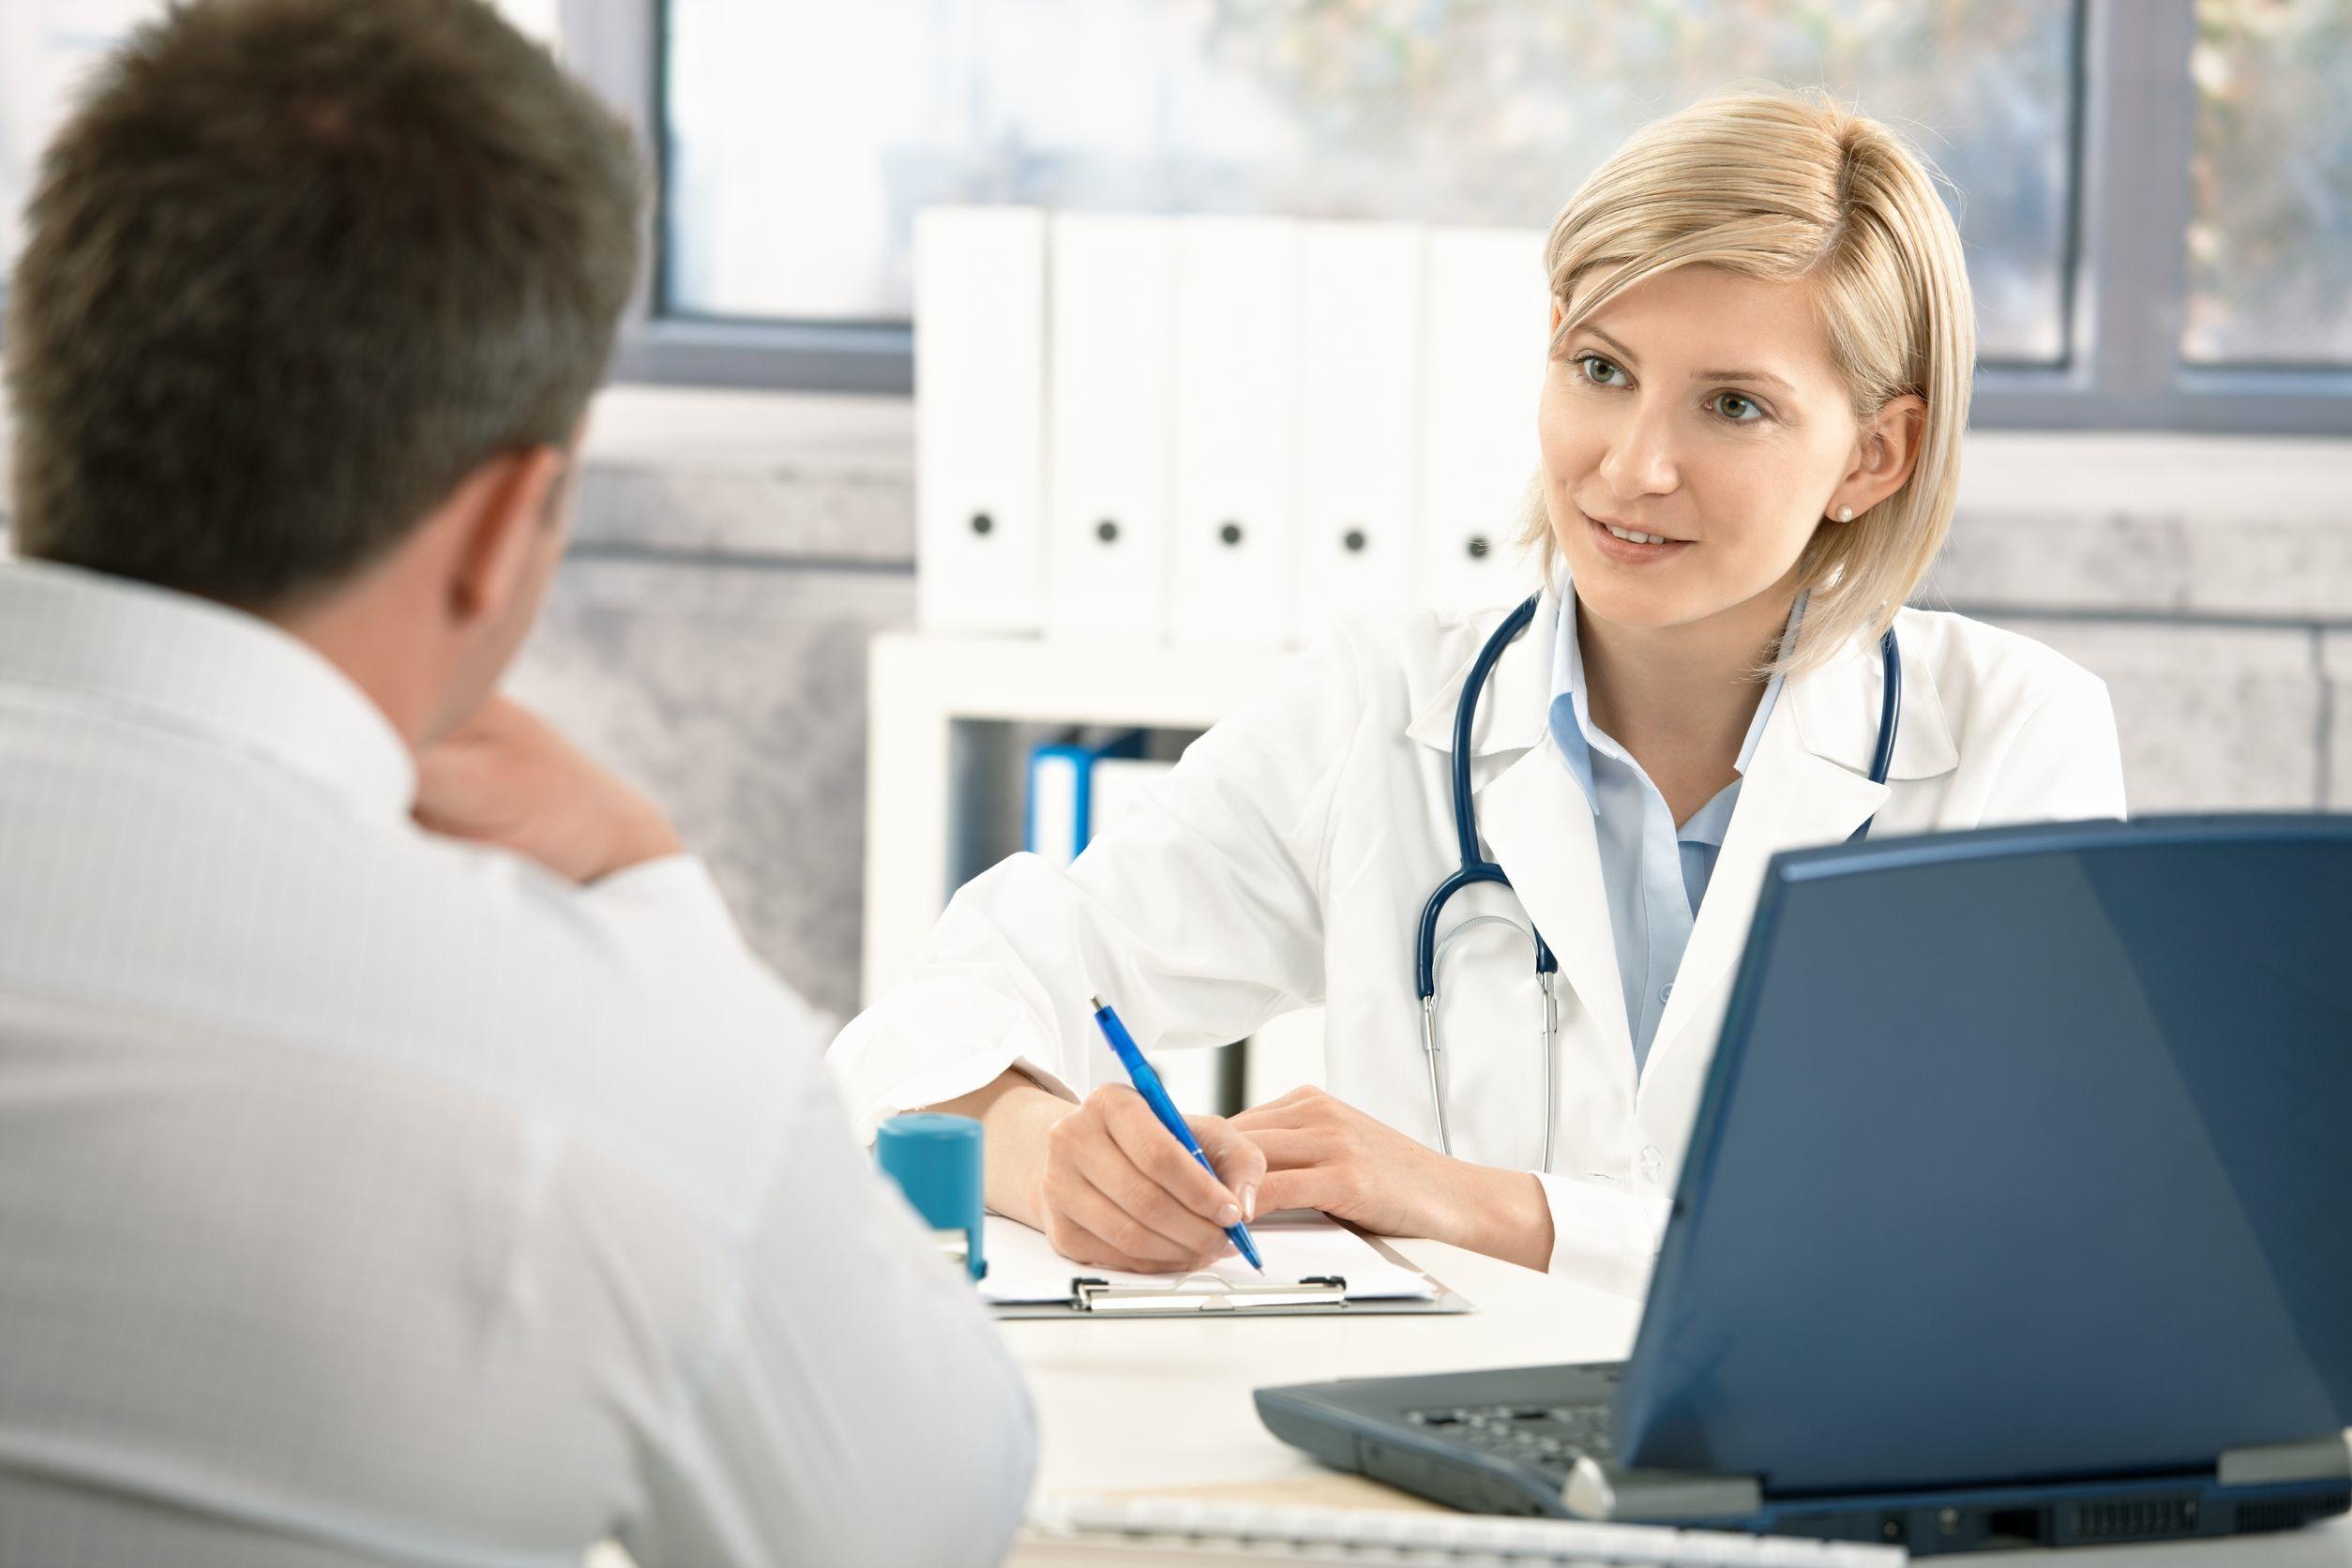 Отношение пациентов к терапии и комплайенс при воспалительных заболеваниях кишечника